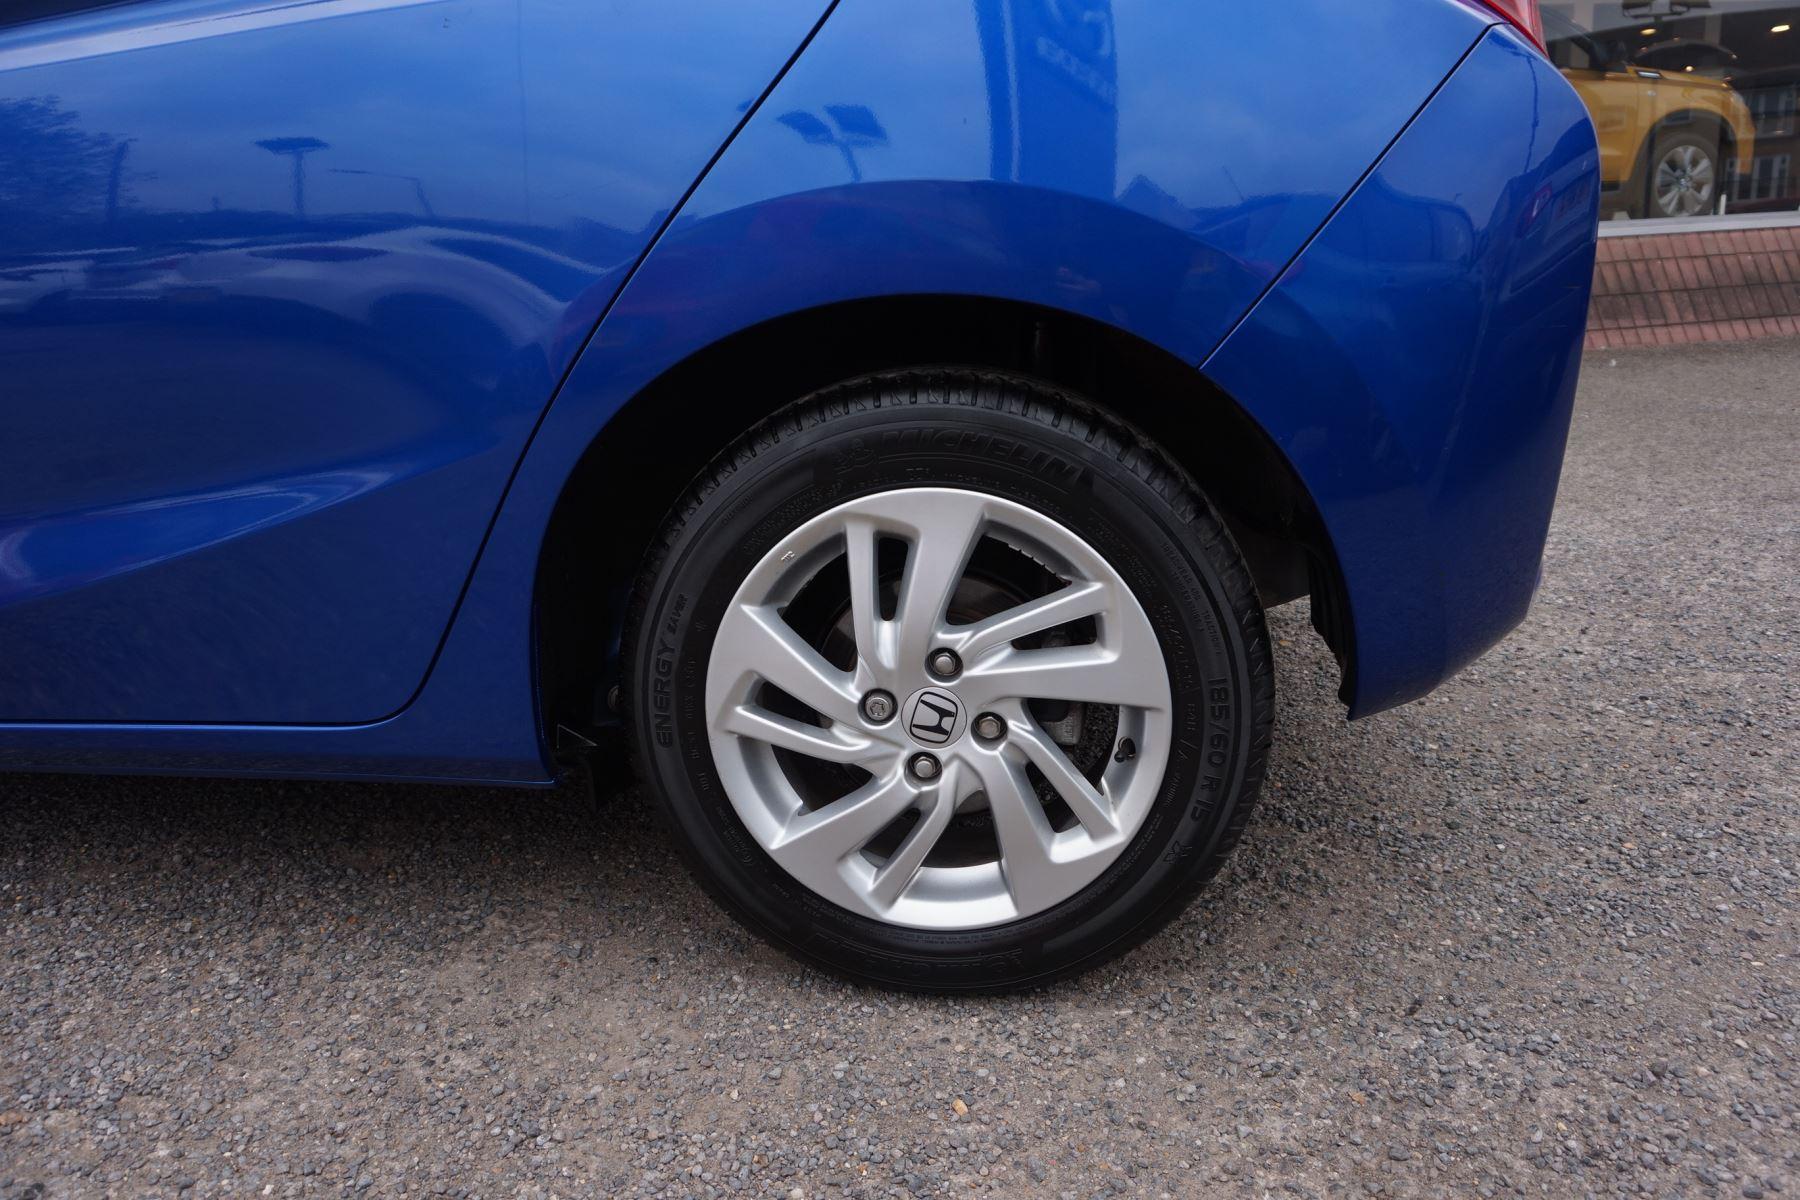 Honda Jazz 1.3 SE Navi CVT image 7